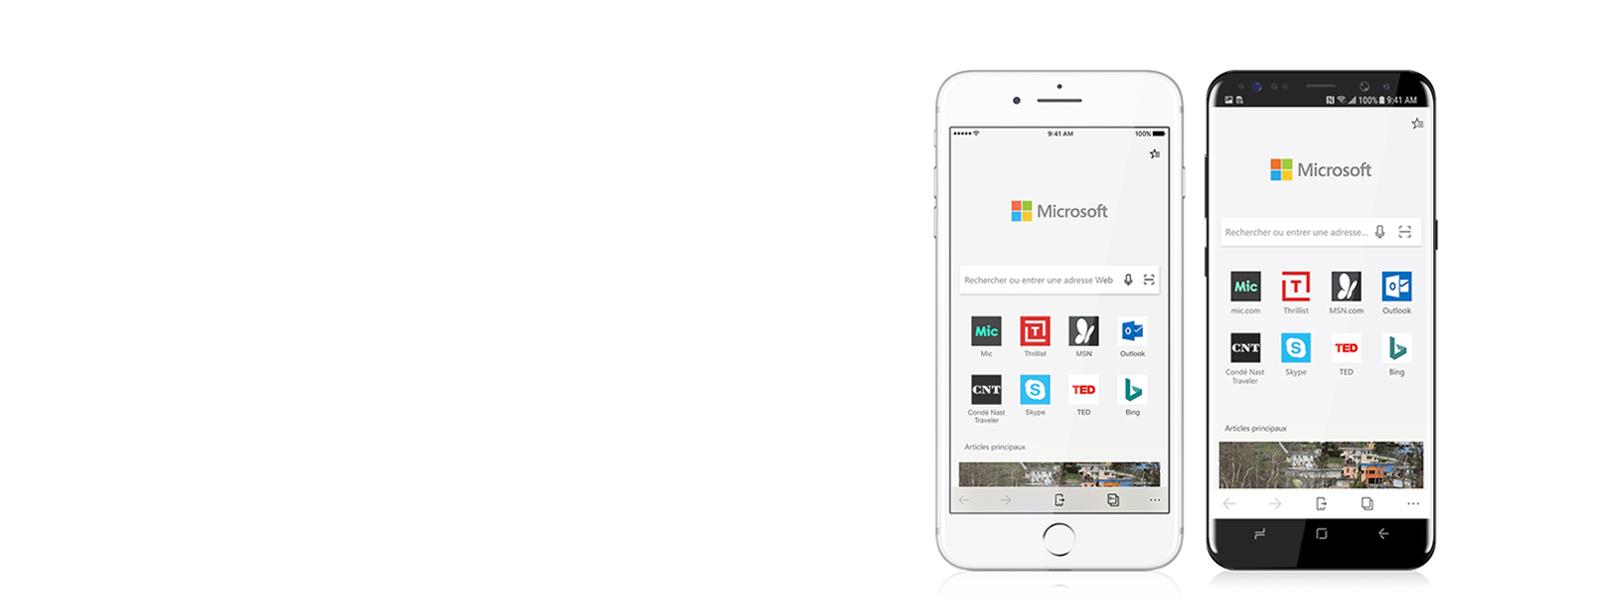 Téléphone Apple et Android avec écrans mobiles Edge